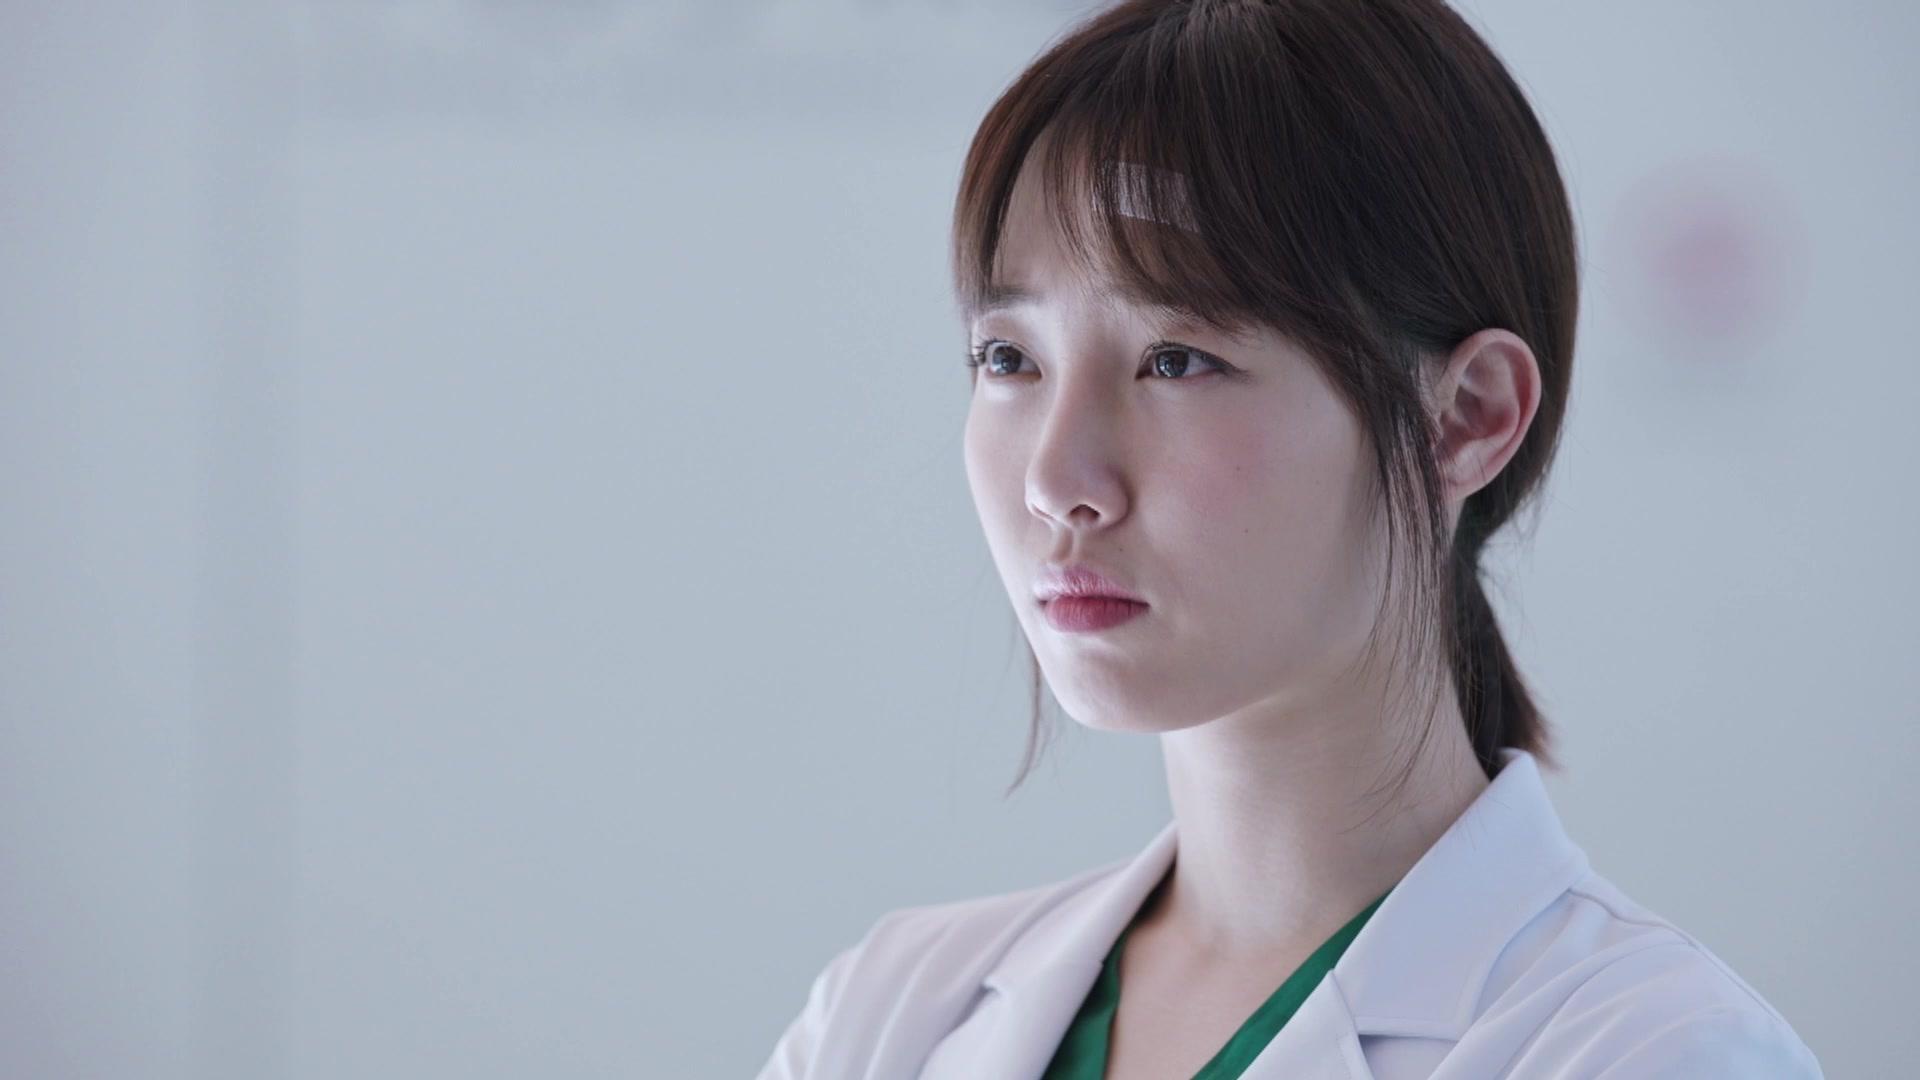 Surgeons Episode 41 - 外科风云 - Watch Full Episodes Free - China - TV Shows - Rakuten Viki